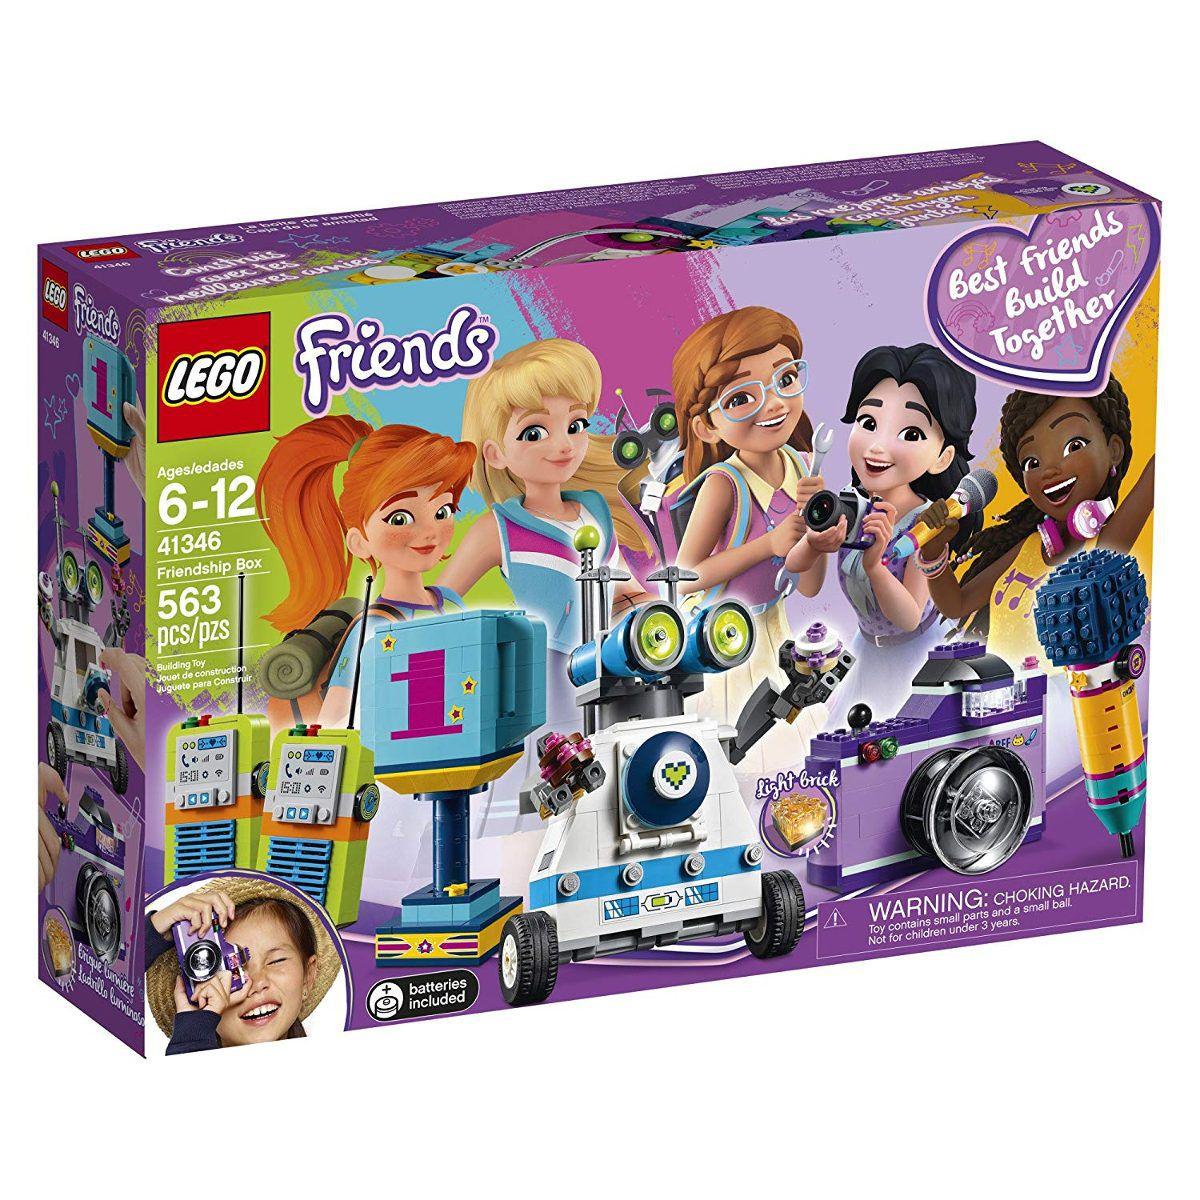 Lego 41346 Friends Caixa da Amizade das 5 amigas - 563 peças